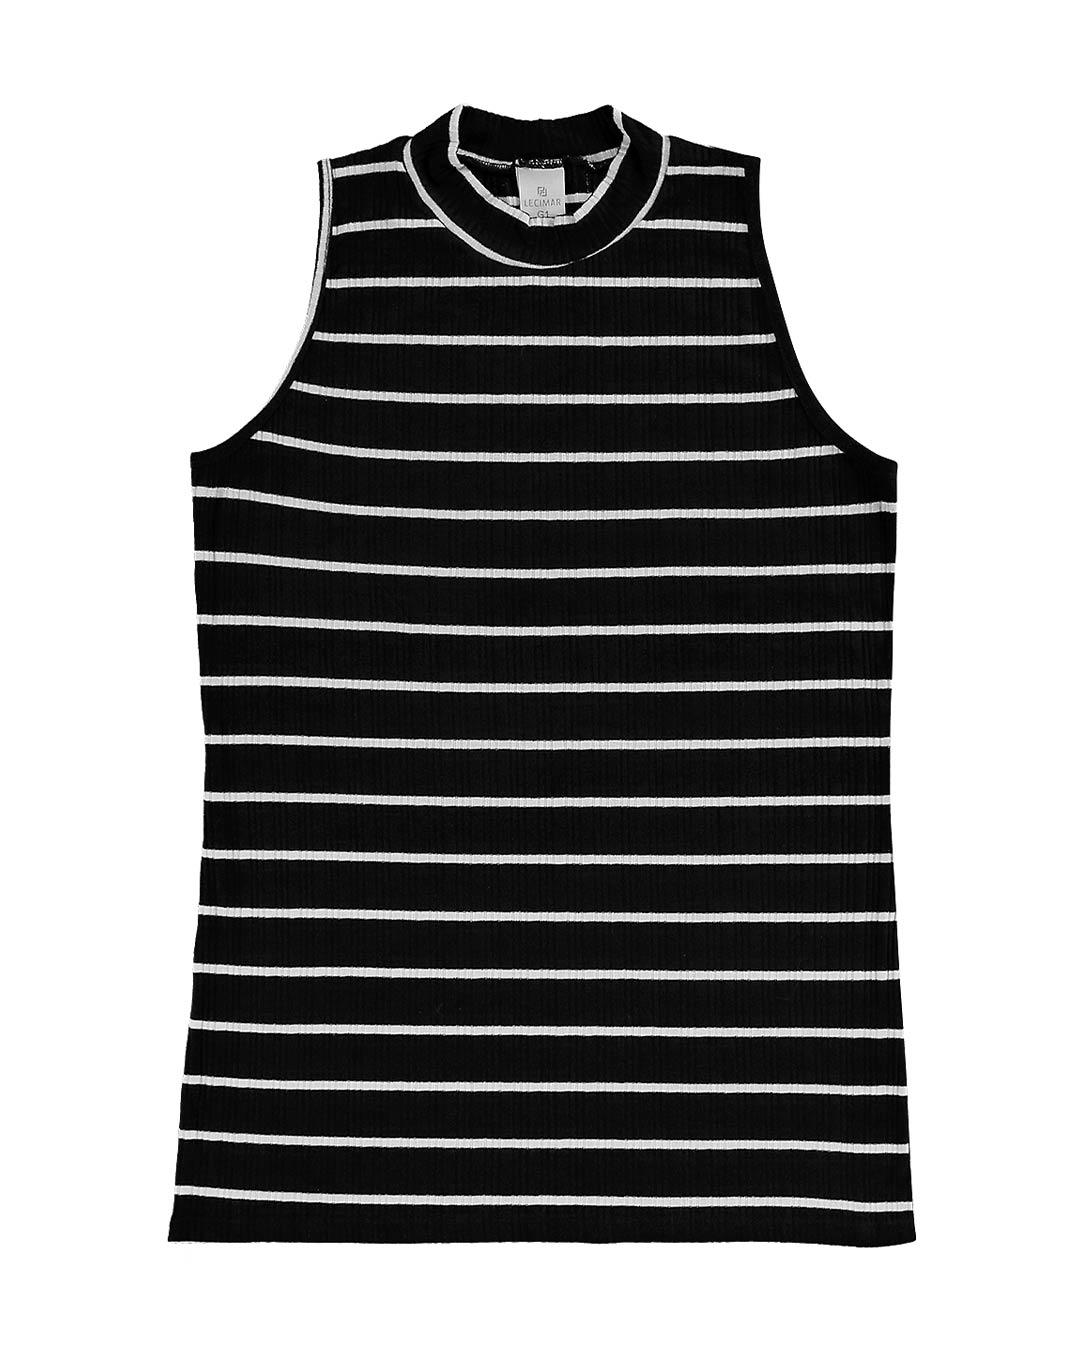 Blusa Plus Size Canelada Listrada - Lecimar